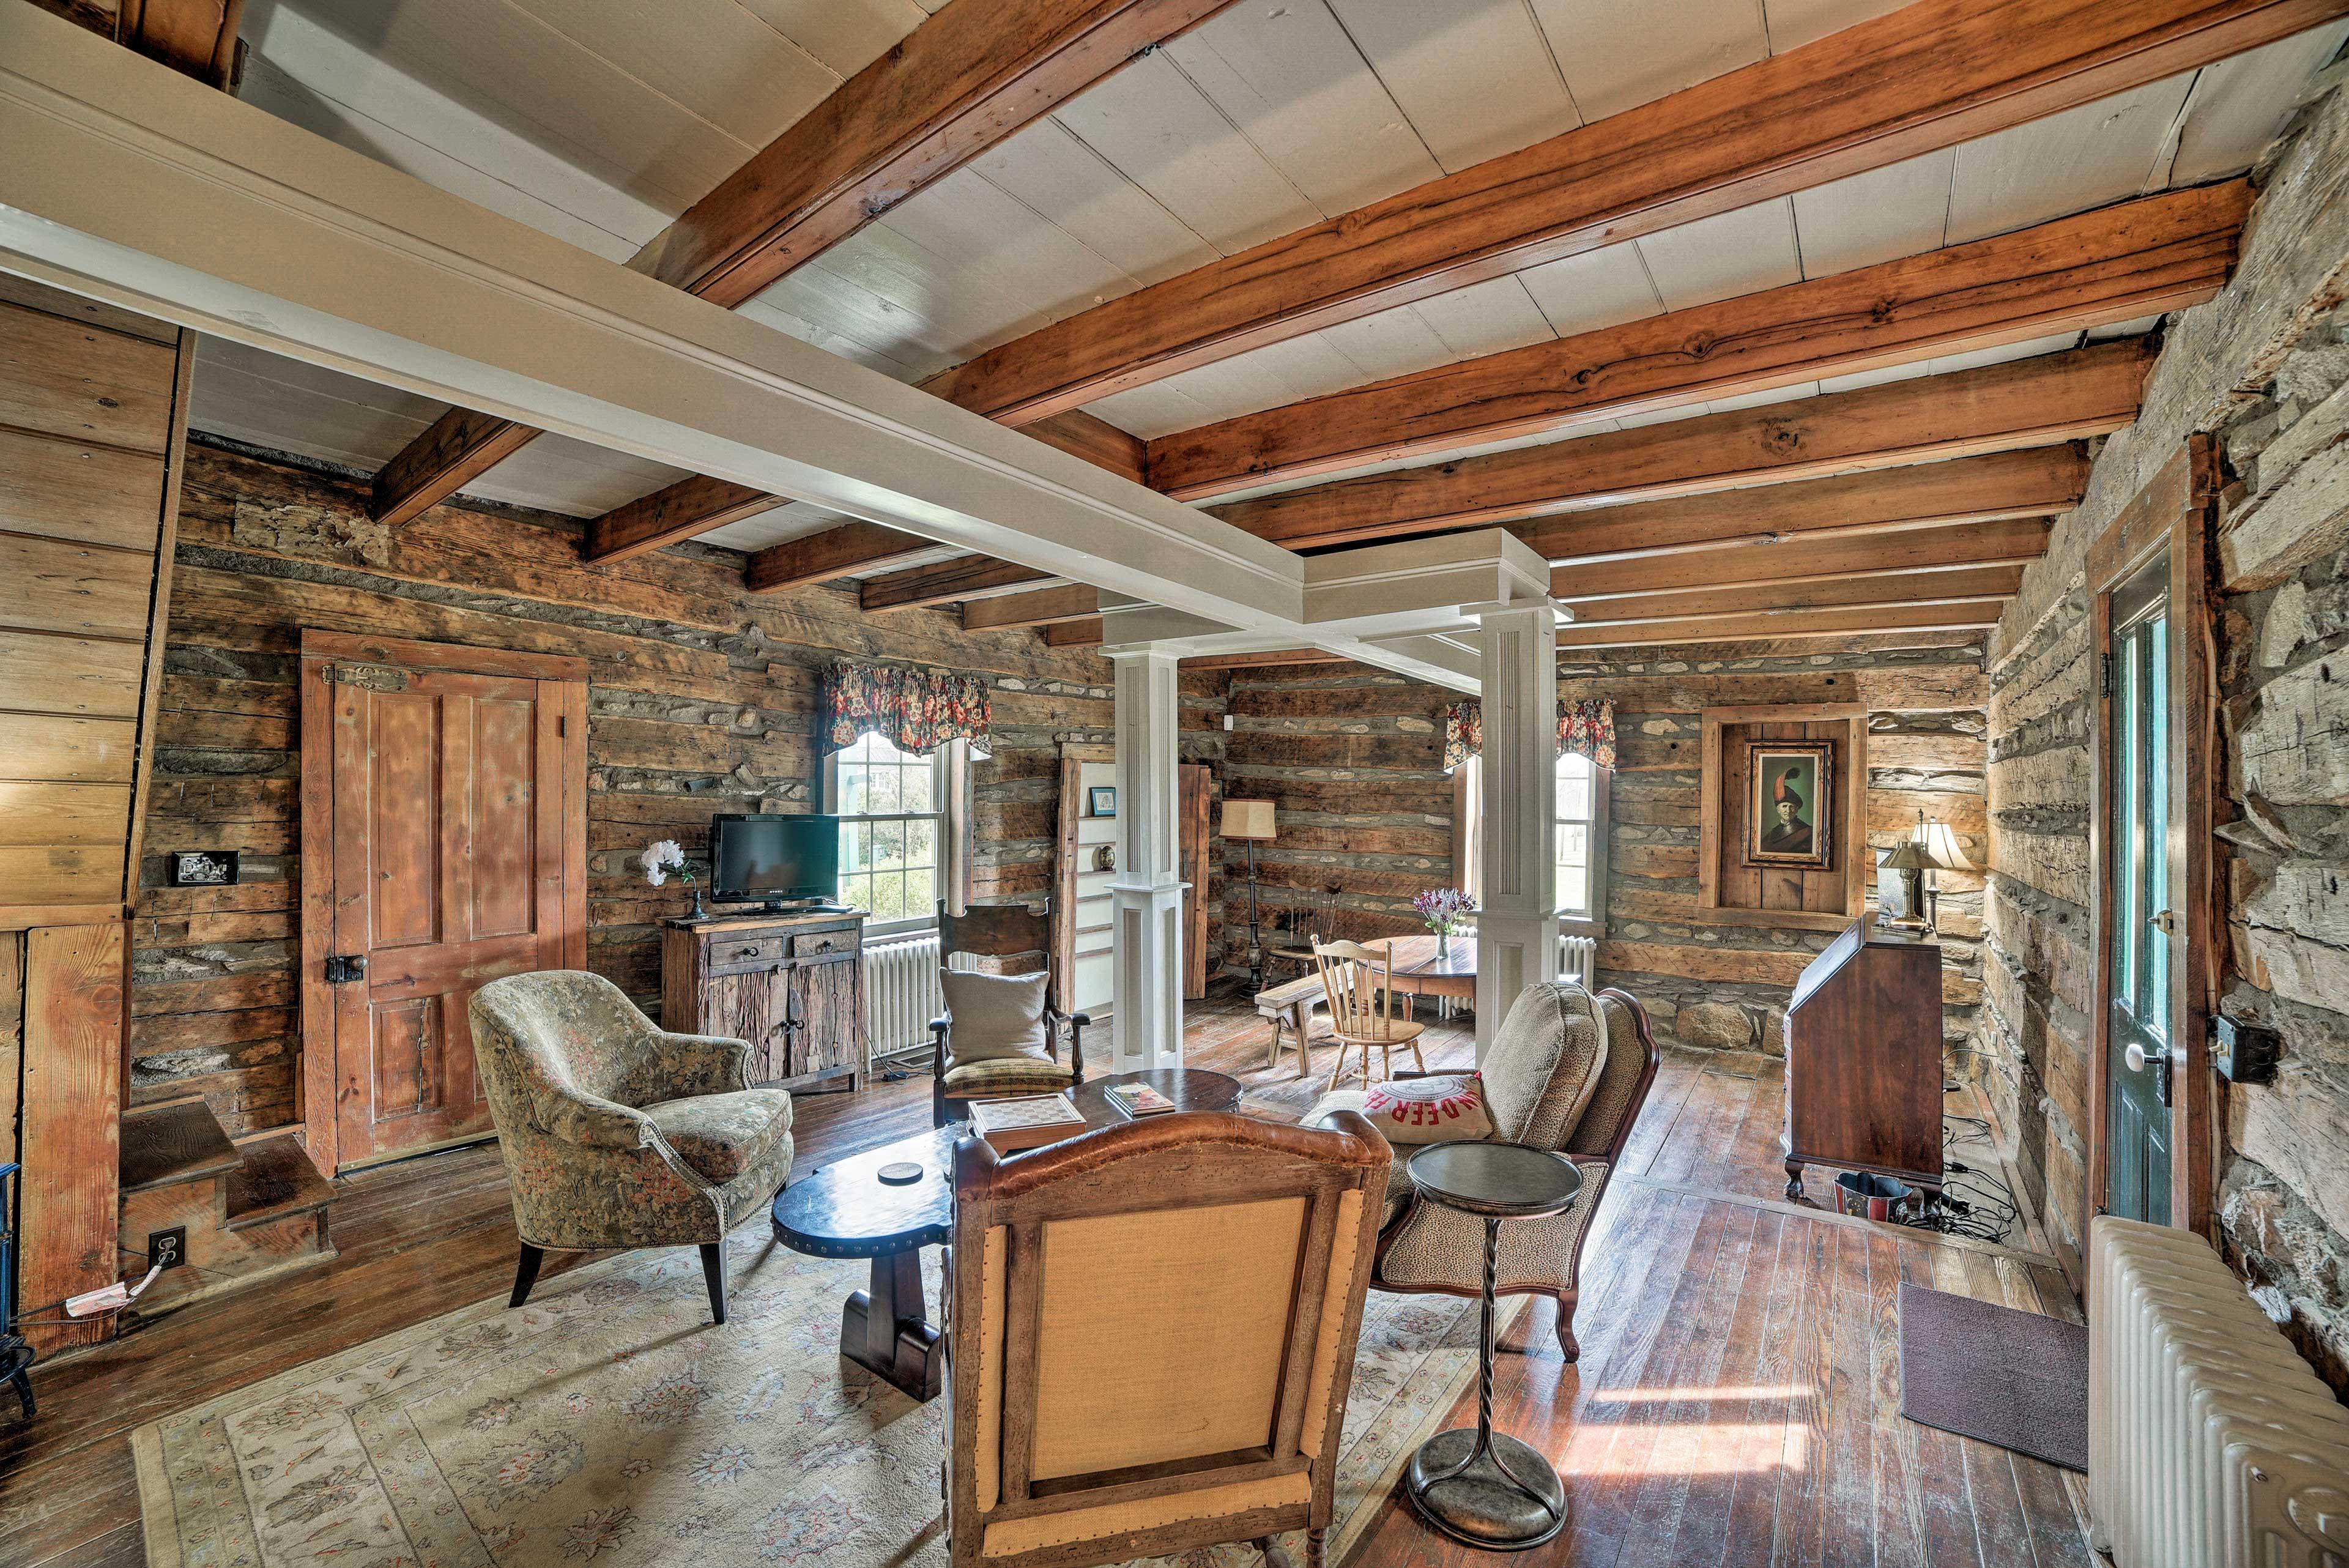 Original Portion of Home | Circa 1787